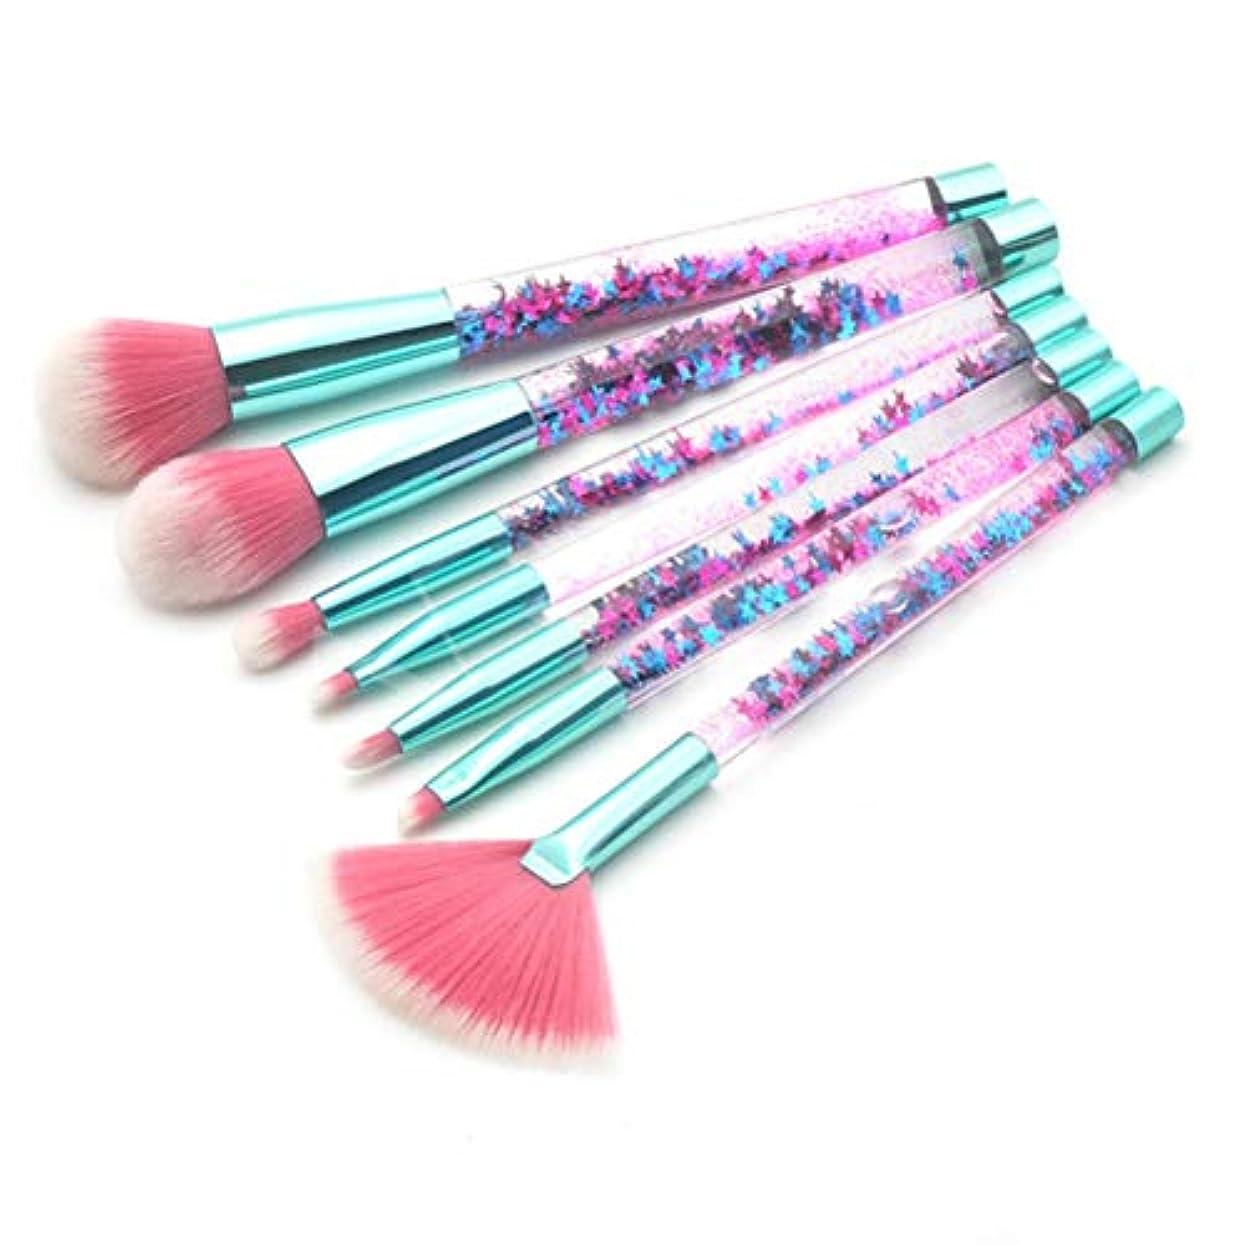 落ち着いて独特の存在するLSHJP 化粧ブラシ 7個セット 化粧道具 レディース ビューティー きれいめ 簡単 カジュアル 便利 お出かけ 高品質 (Color : BlueGreen, Size : ワンサイズ)